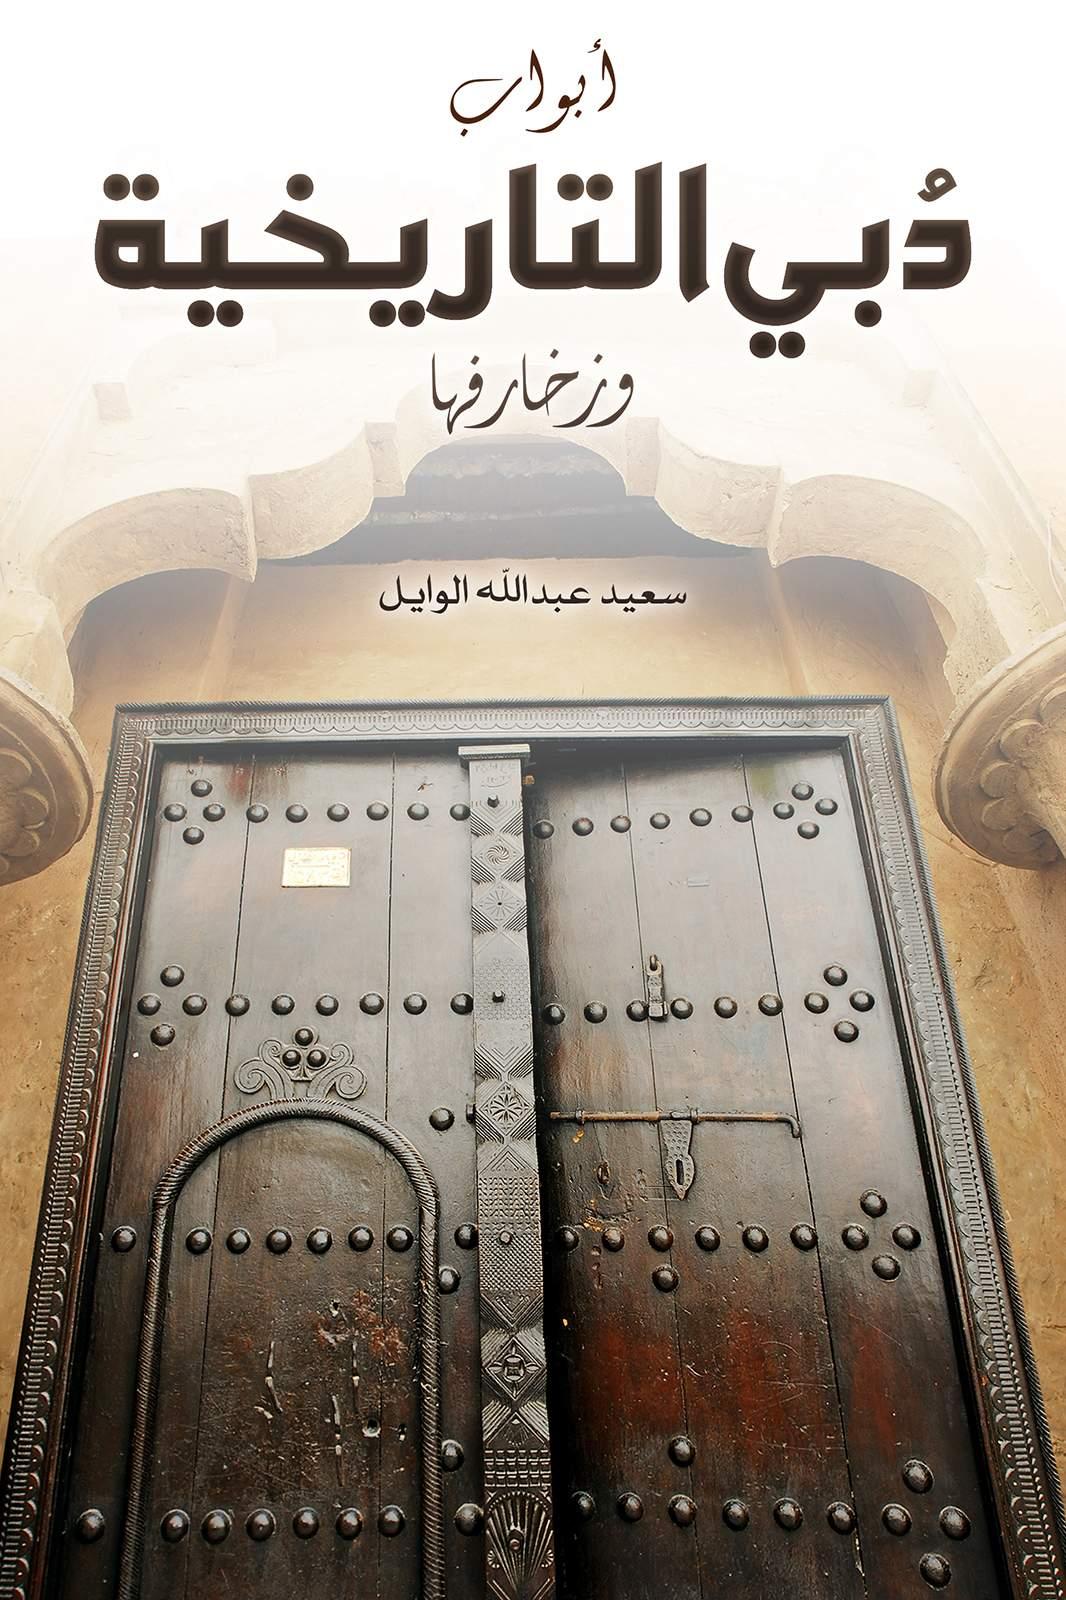 أبواب دُبي التاريخية وزخارفها